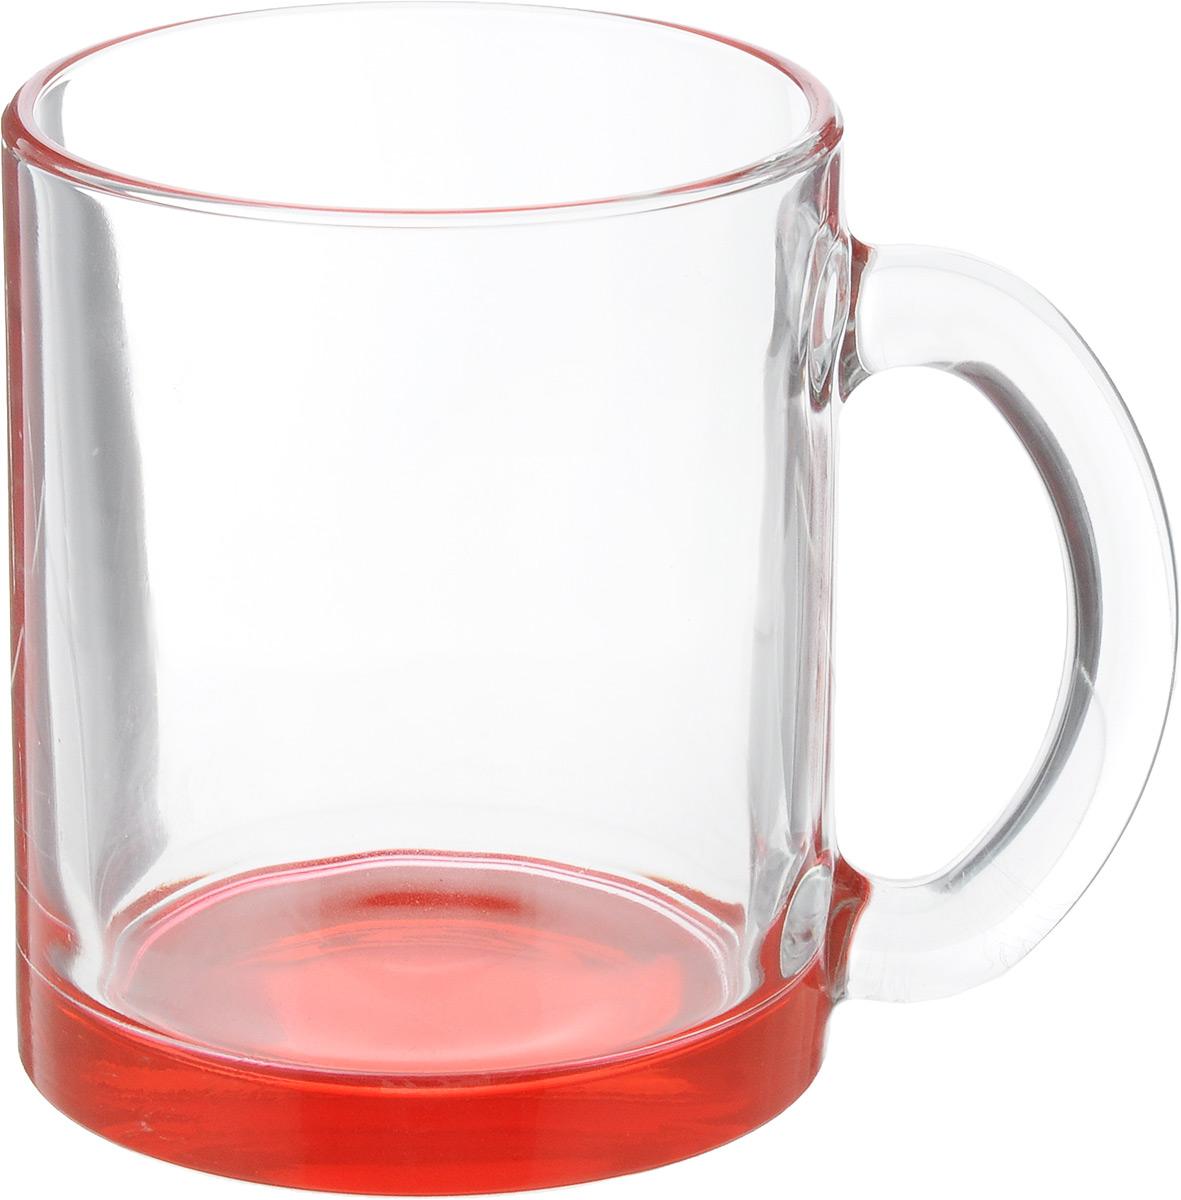 Кружка OSZ Чайная, цвет: прозрачный, красный, 320 мл391602Кружка OSZ Чайная изготовлена из стекла двух цветов. Изделие идеально подходит для сервировки стола.Кружка не только украсит ваш кухонный стол, но и подчеркнет прекрасный вкус хозяйки. Диаметр кружки (по верхнему краю): 8 см. Высота кружки: 9,5 см. Объем кружки: 320 мл.